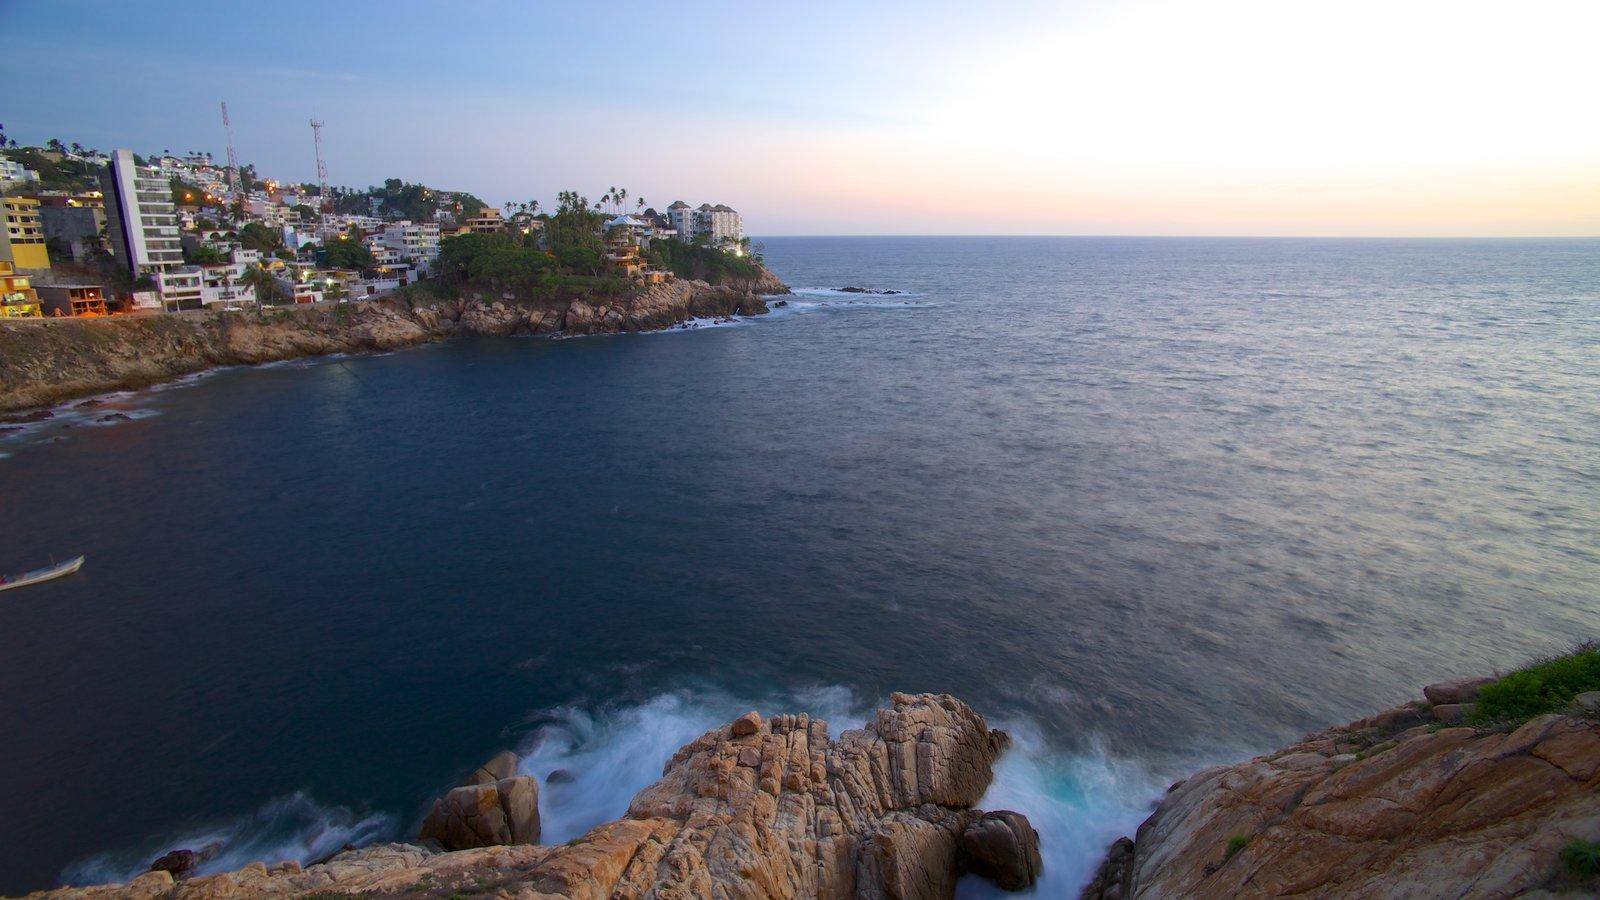 Sinfonía mostrando costa escarpada, vistas de paisajes y una ciudad costera